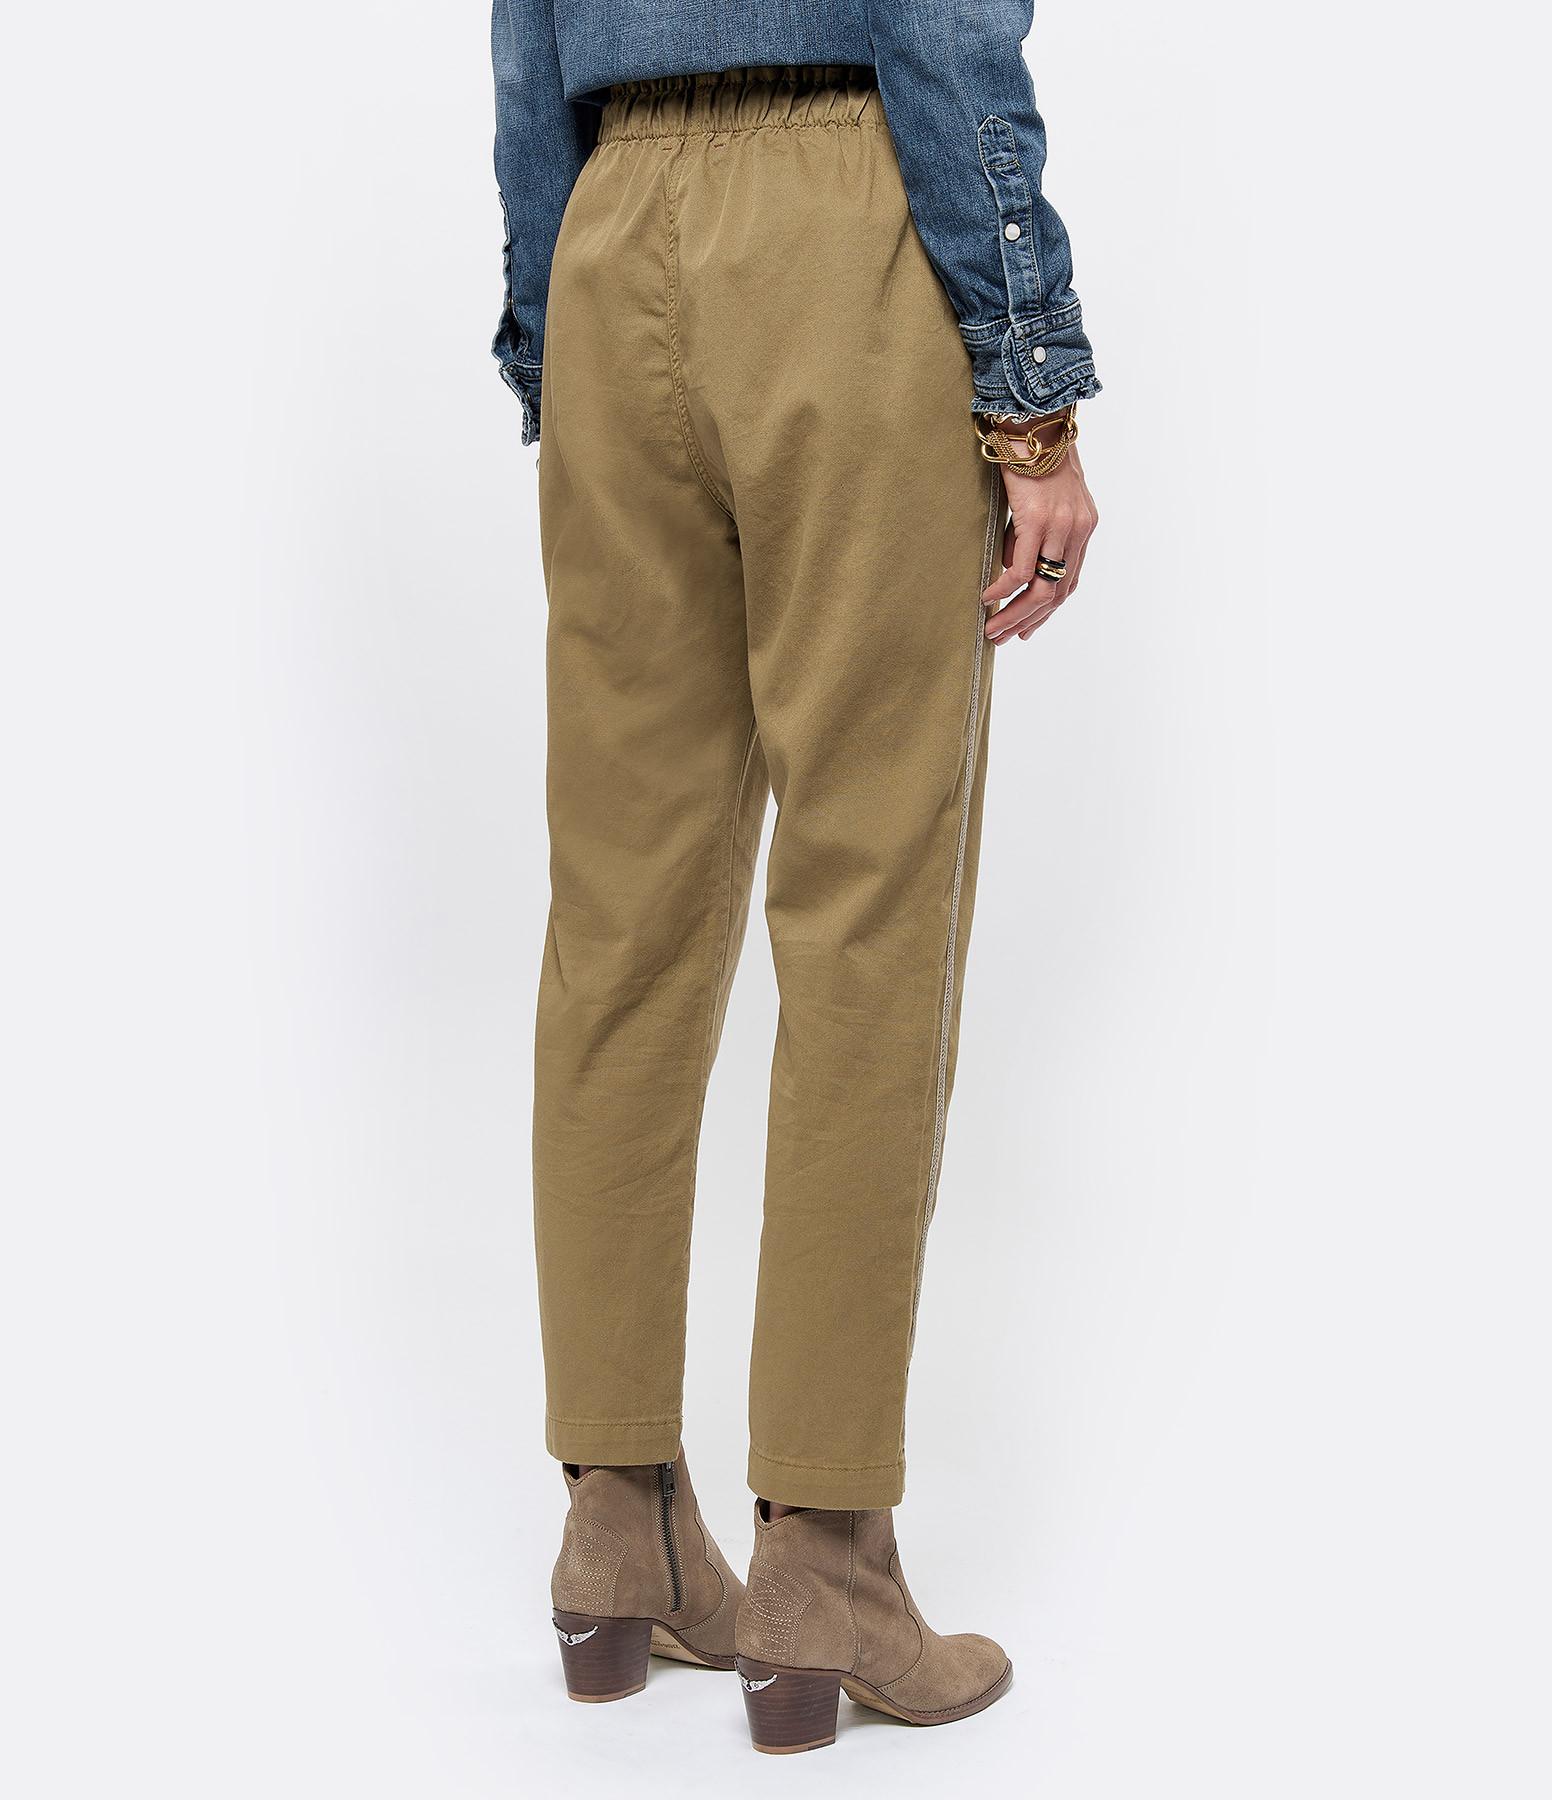 XIRENA - Pantalon Rex Coton Kaki